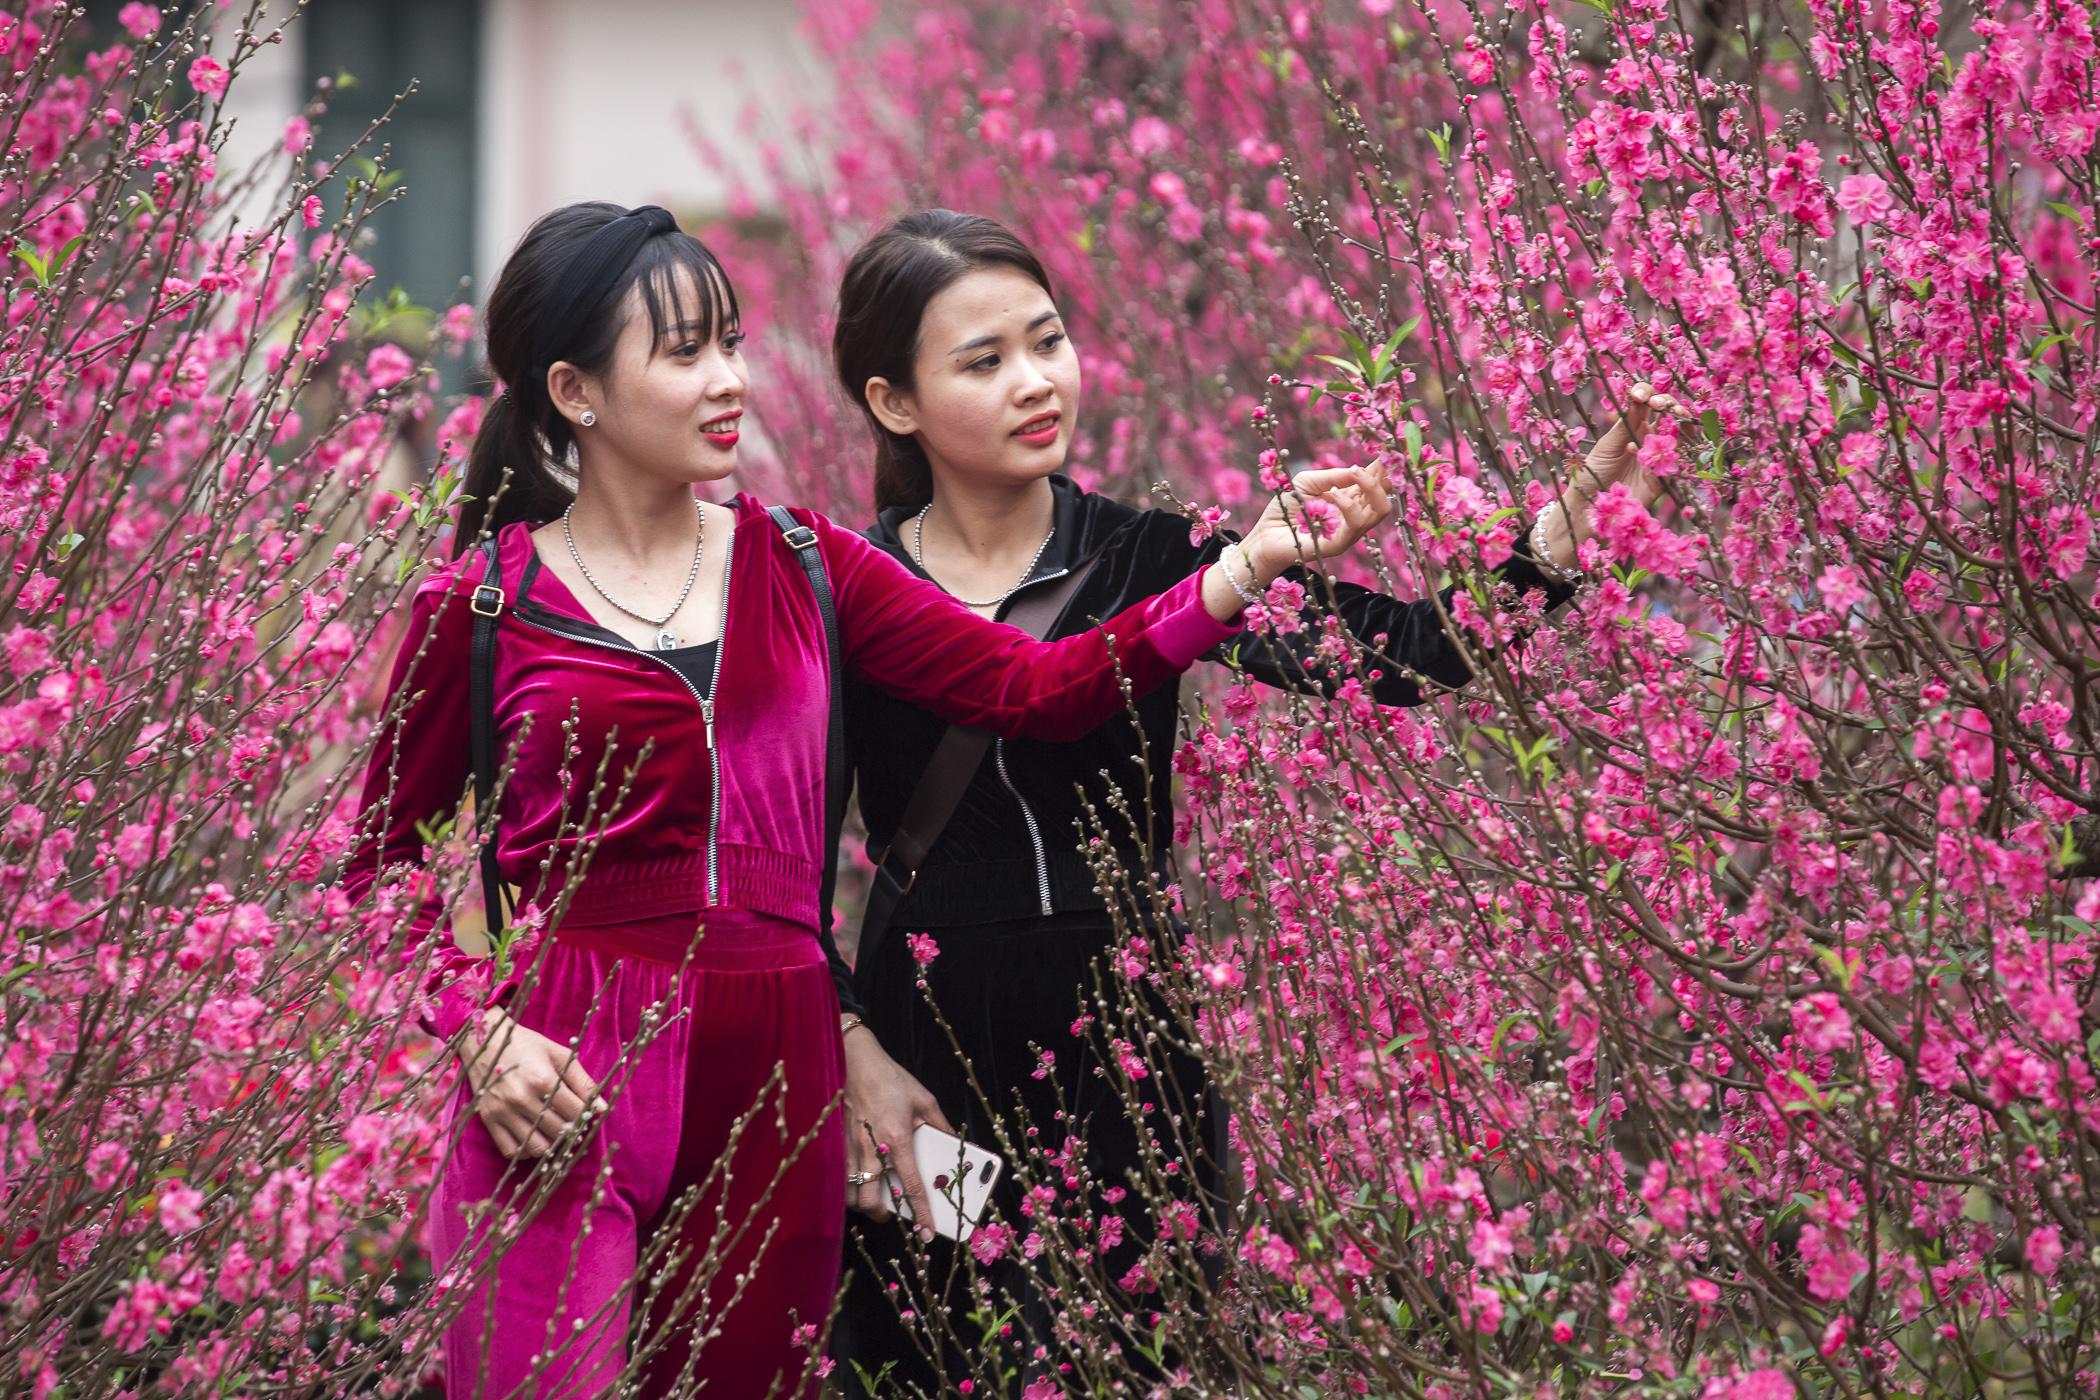 Vietnam_Images-003